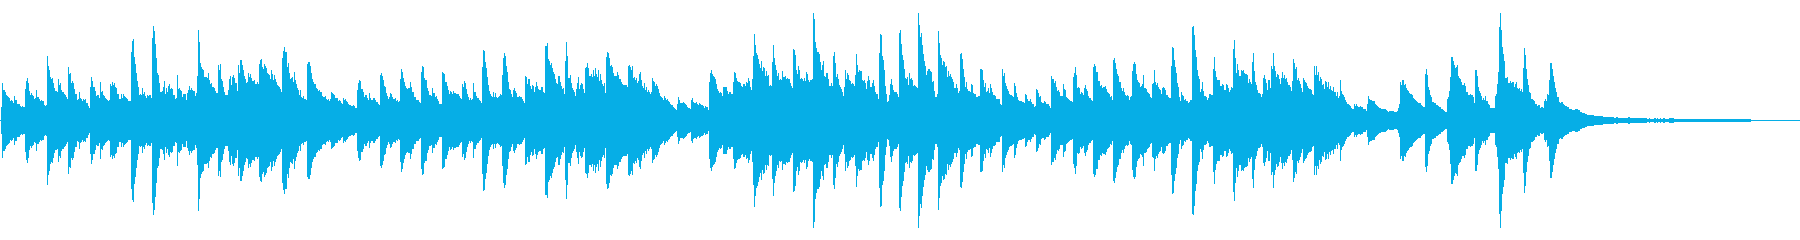 童謡「春の小川」シンプルなピアノソロの再生済みの波形